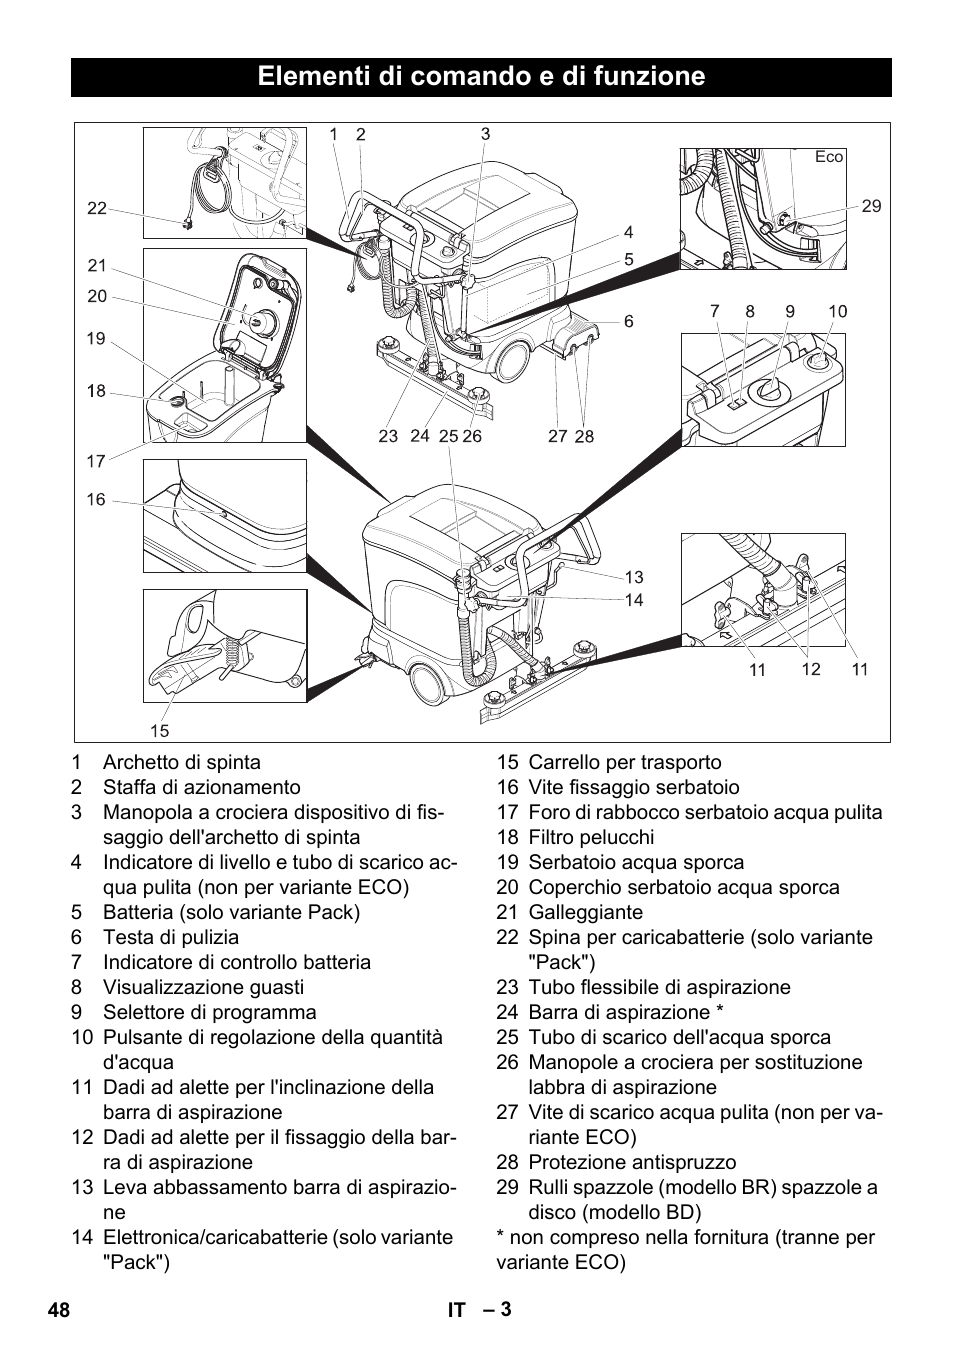 Elementi di comando e di funzione   Karcher BD 40-25 C Bp ... on hunter wiring diagram, john deere wiring diagram, krups wiring diagram, viking wiring diagram, braun wiring diagram, toshiba wiring diagram, coleman wiring diagram, general wiring diagram, tennant wiring diagram, lincoln wiring diagram, harris wiring diagram, echo wiring diagram, panasonic wiring diagram, toro wiring diagram, dremel wiring diagram, metabo wiring diagram, ge wiring diagram, mi-t-m wiring diagram, taylor wiring diagram, simplicity wiring diagram,